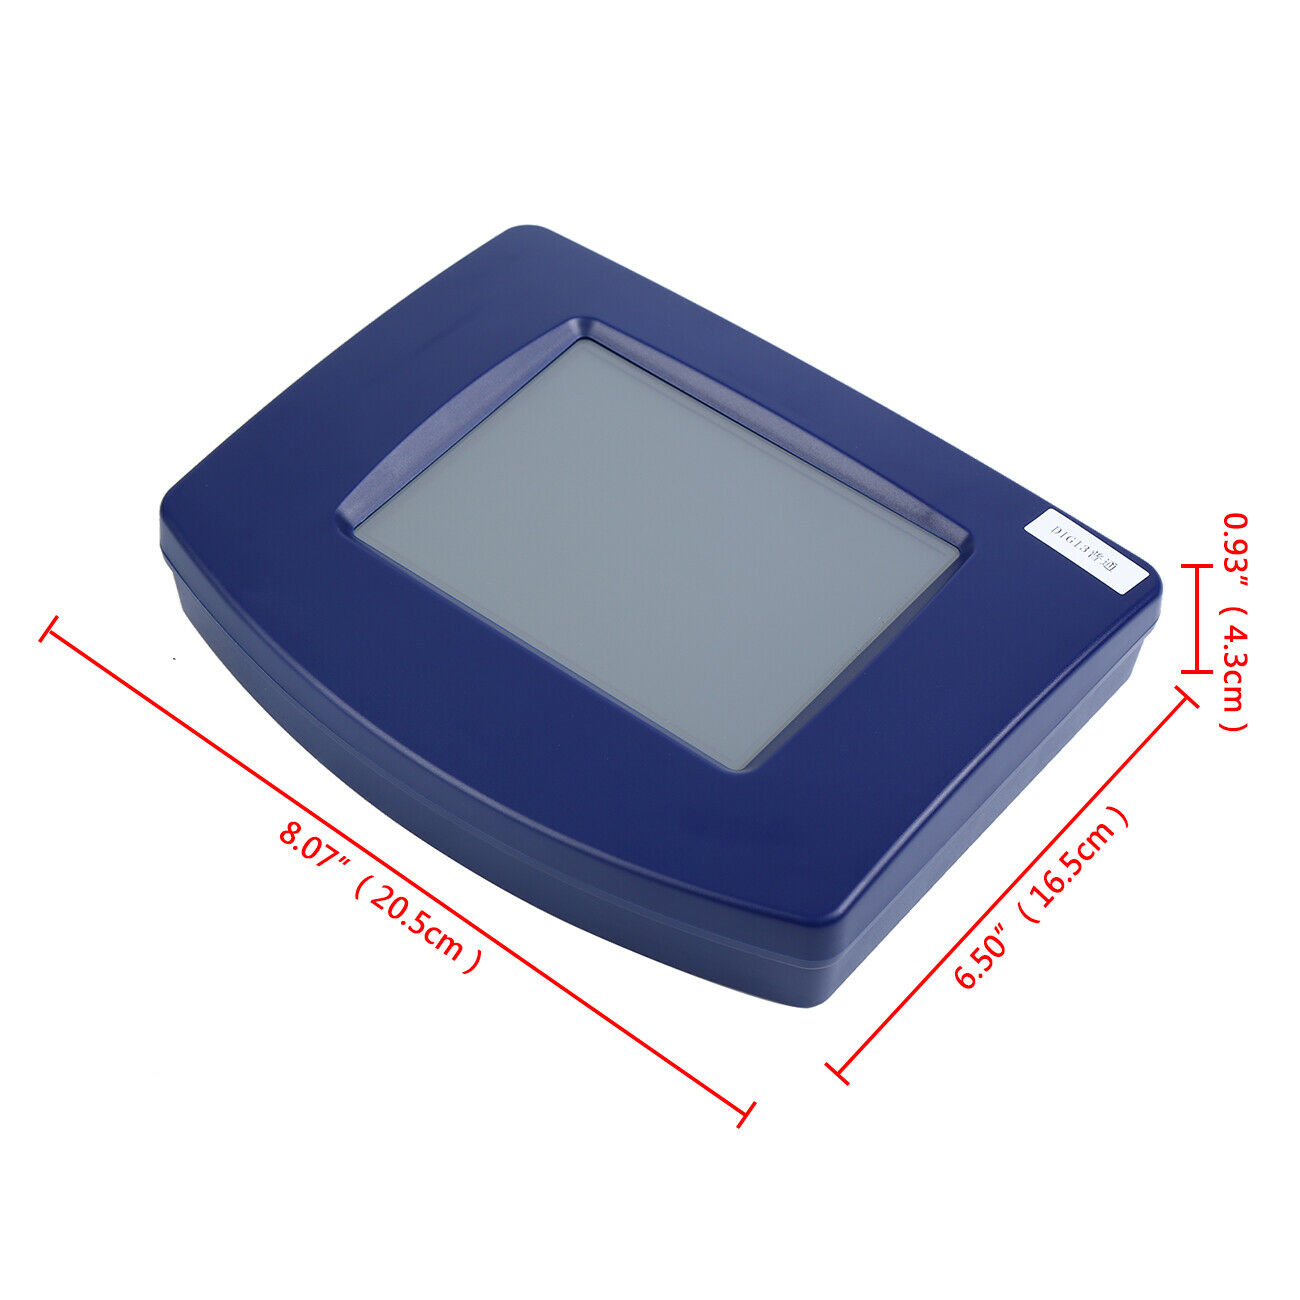 מערכות ניווט Samger Digiprog3 OBD2 DigiprogIII אוטומטי מלא סט Digiprog 3 V4.94 מתכנת מד מרחק קילומטראז הכלי הנכון עם תקע האיחוד האירופי (3)